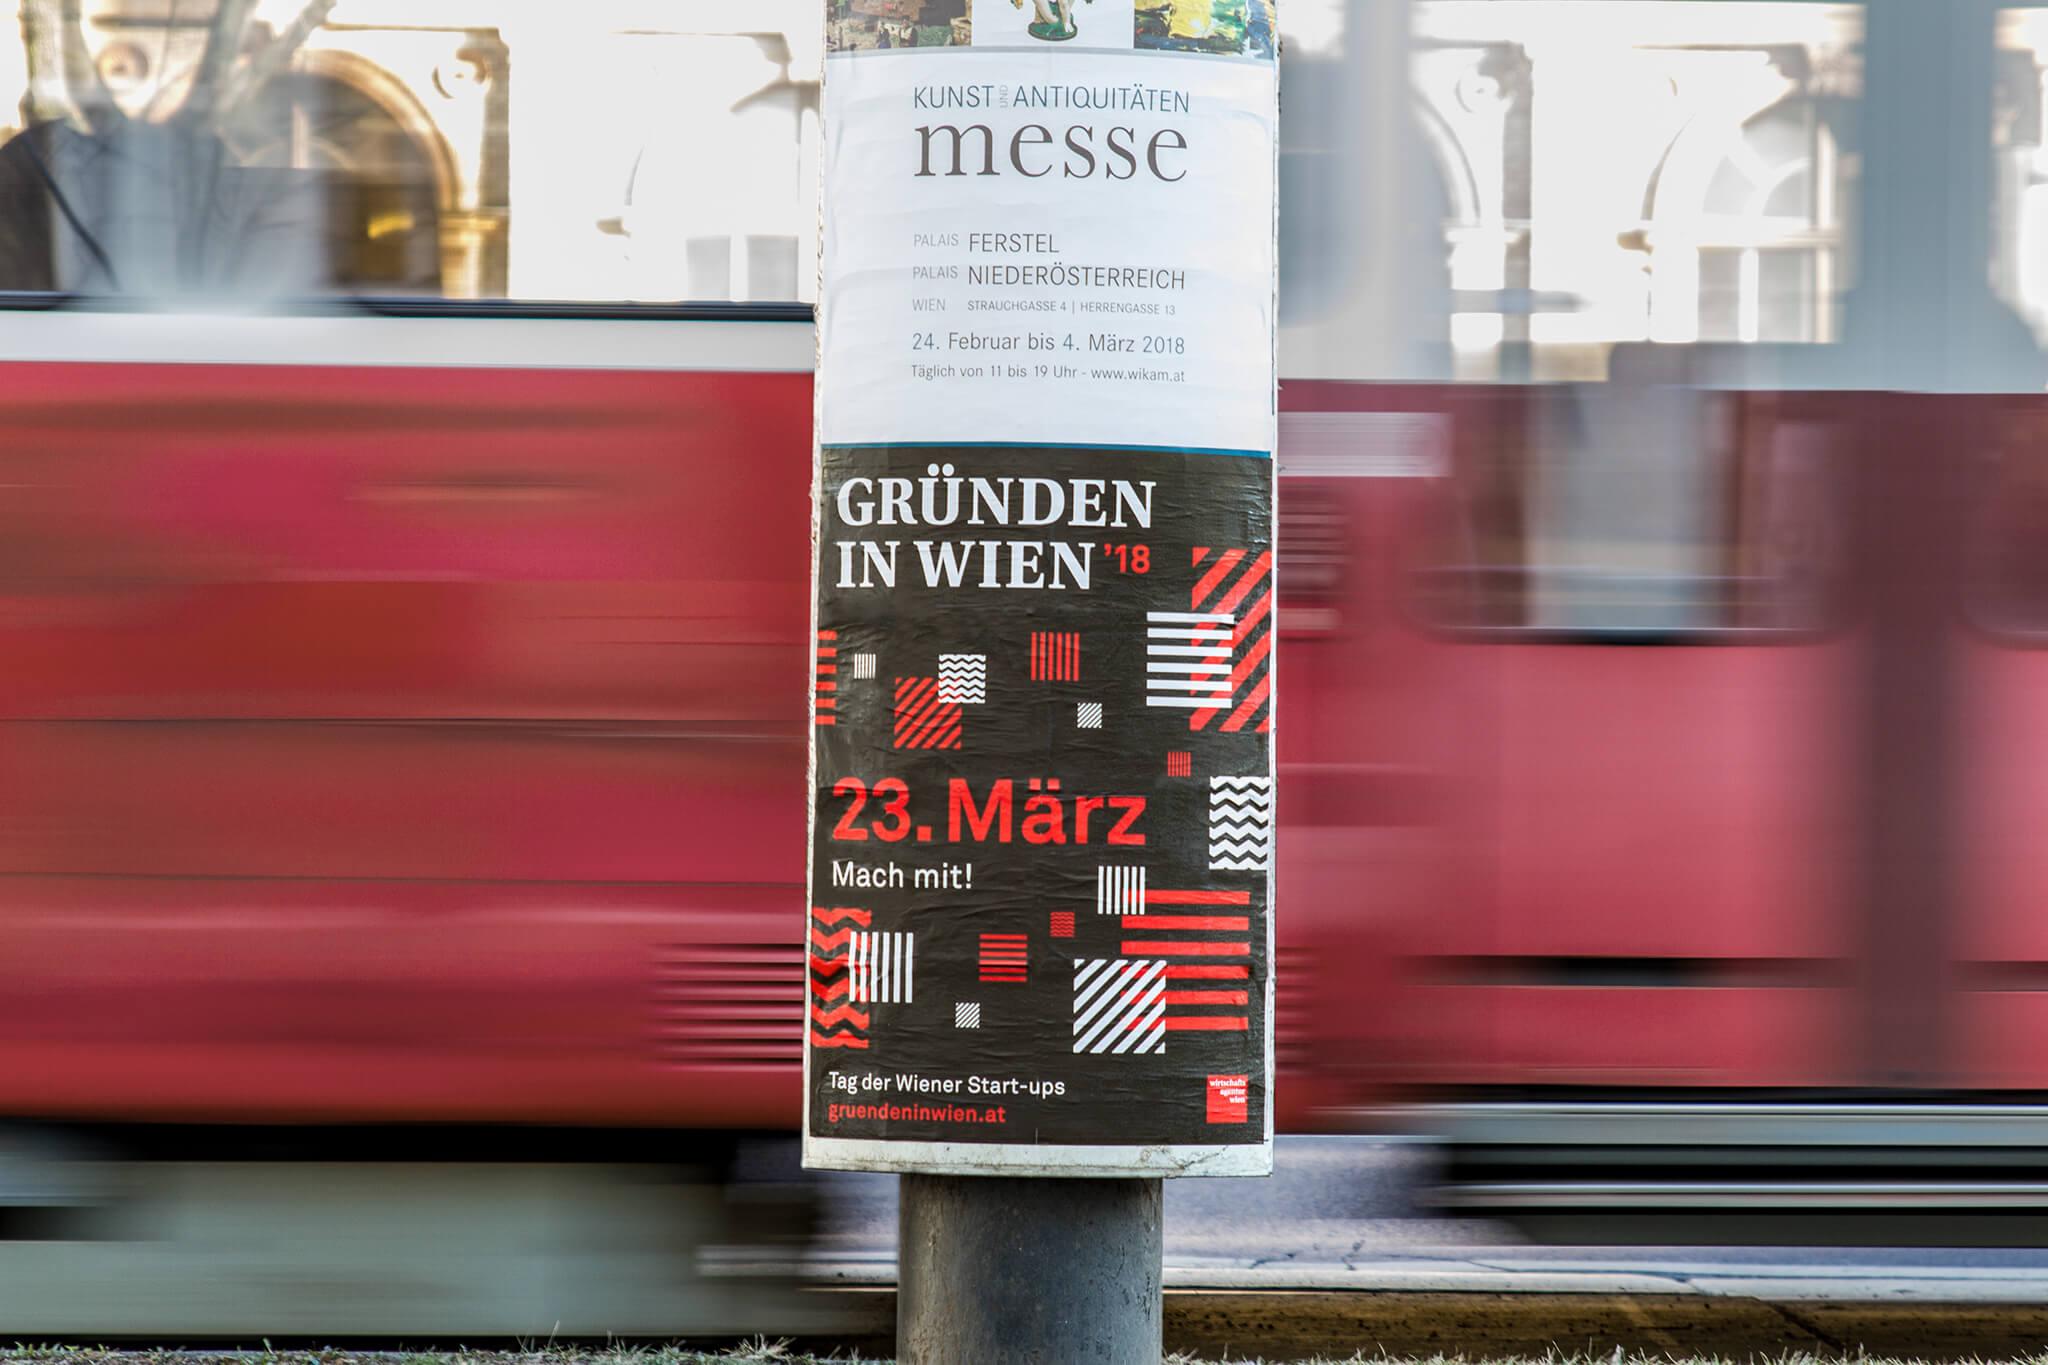 Gründen in Wien Poster mit schwarz-rot-weißem Key Visual